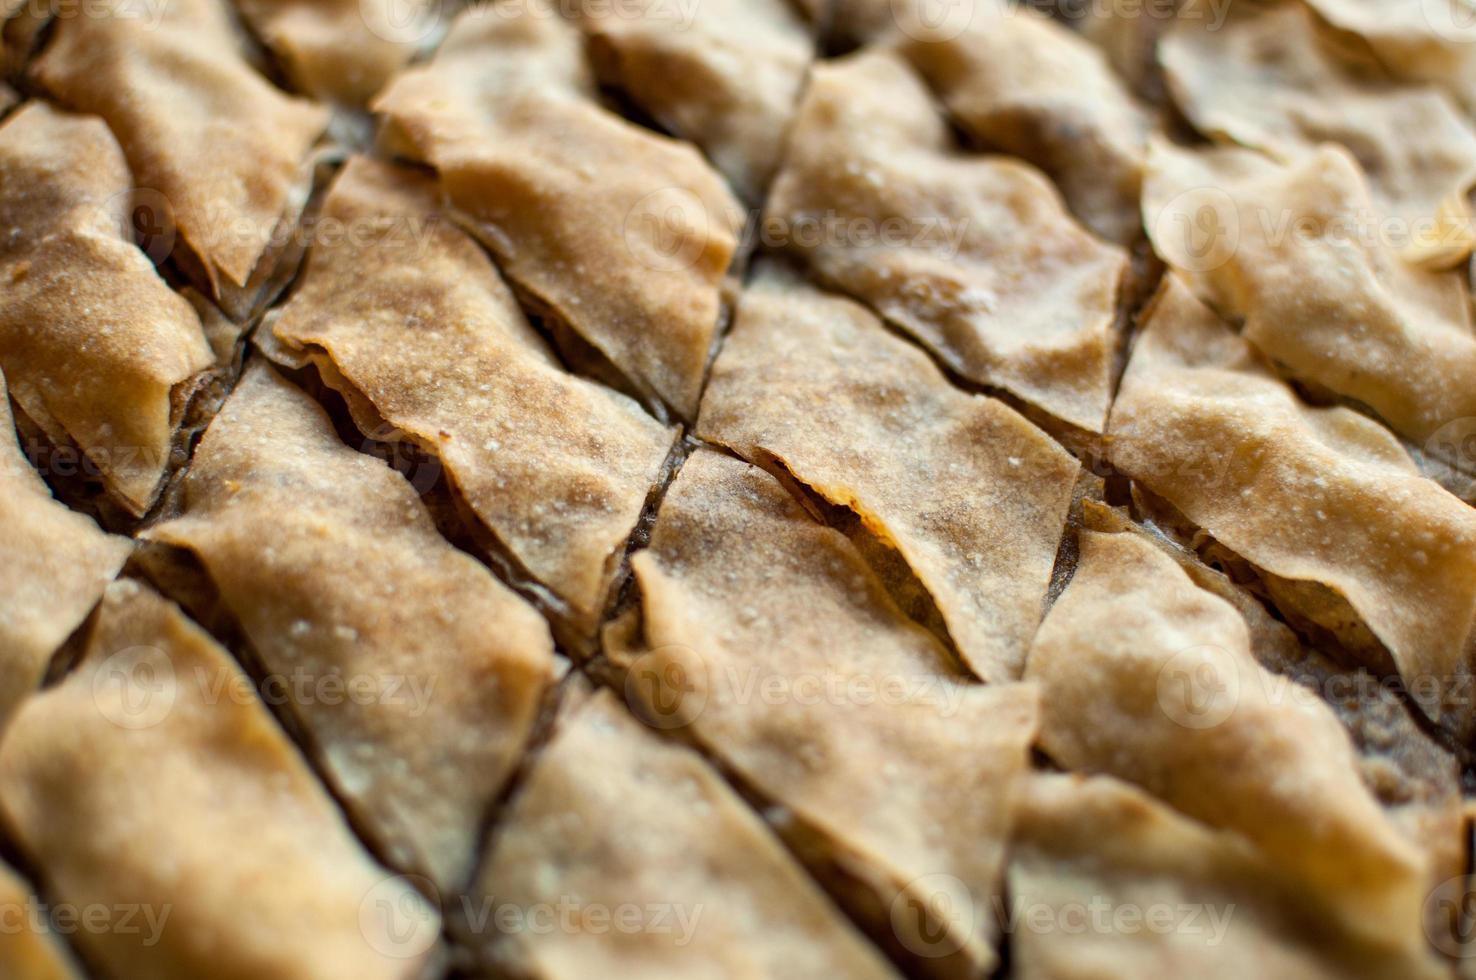 baklava, postre turco hecho de masa fina, nueces y miel. foto